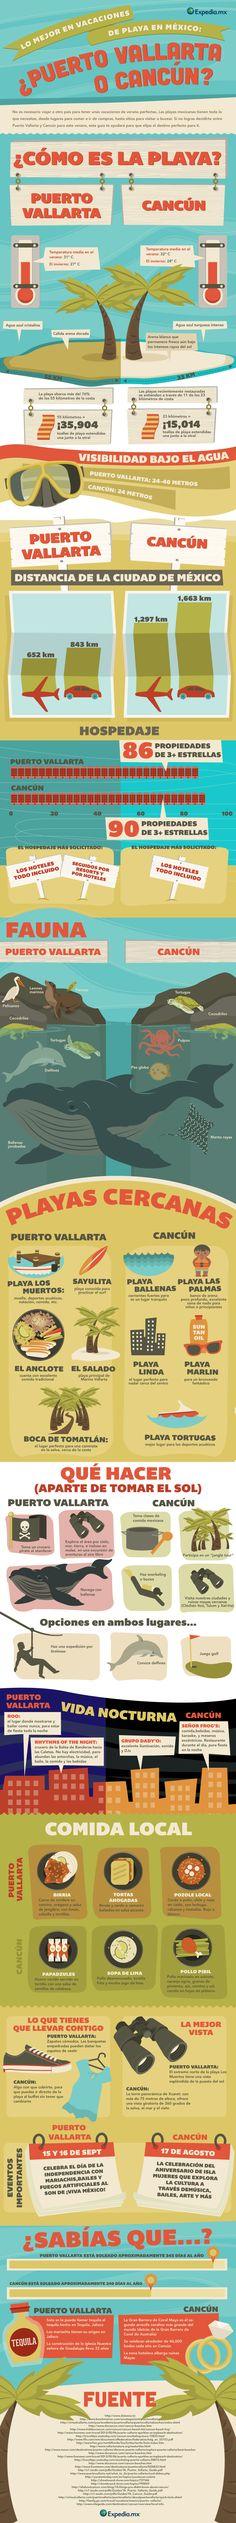 Lo mejor en vacaciones de playa en México: ¿Puerto Vallarta o Cancún?  No es necessario viajar a otro país para tener unas vacaciones de verano perfectas. Las playas mexicanas tienen todo lo que necesitas, desde lugares para comer e ir de compras, hasta sitios para visitar o bucear. Si no logras decidirte entre Puerto Vallarta y Cancún para este verano, esta guía te ayudará para que elijas el destino perfecto para ti.